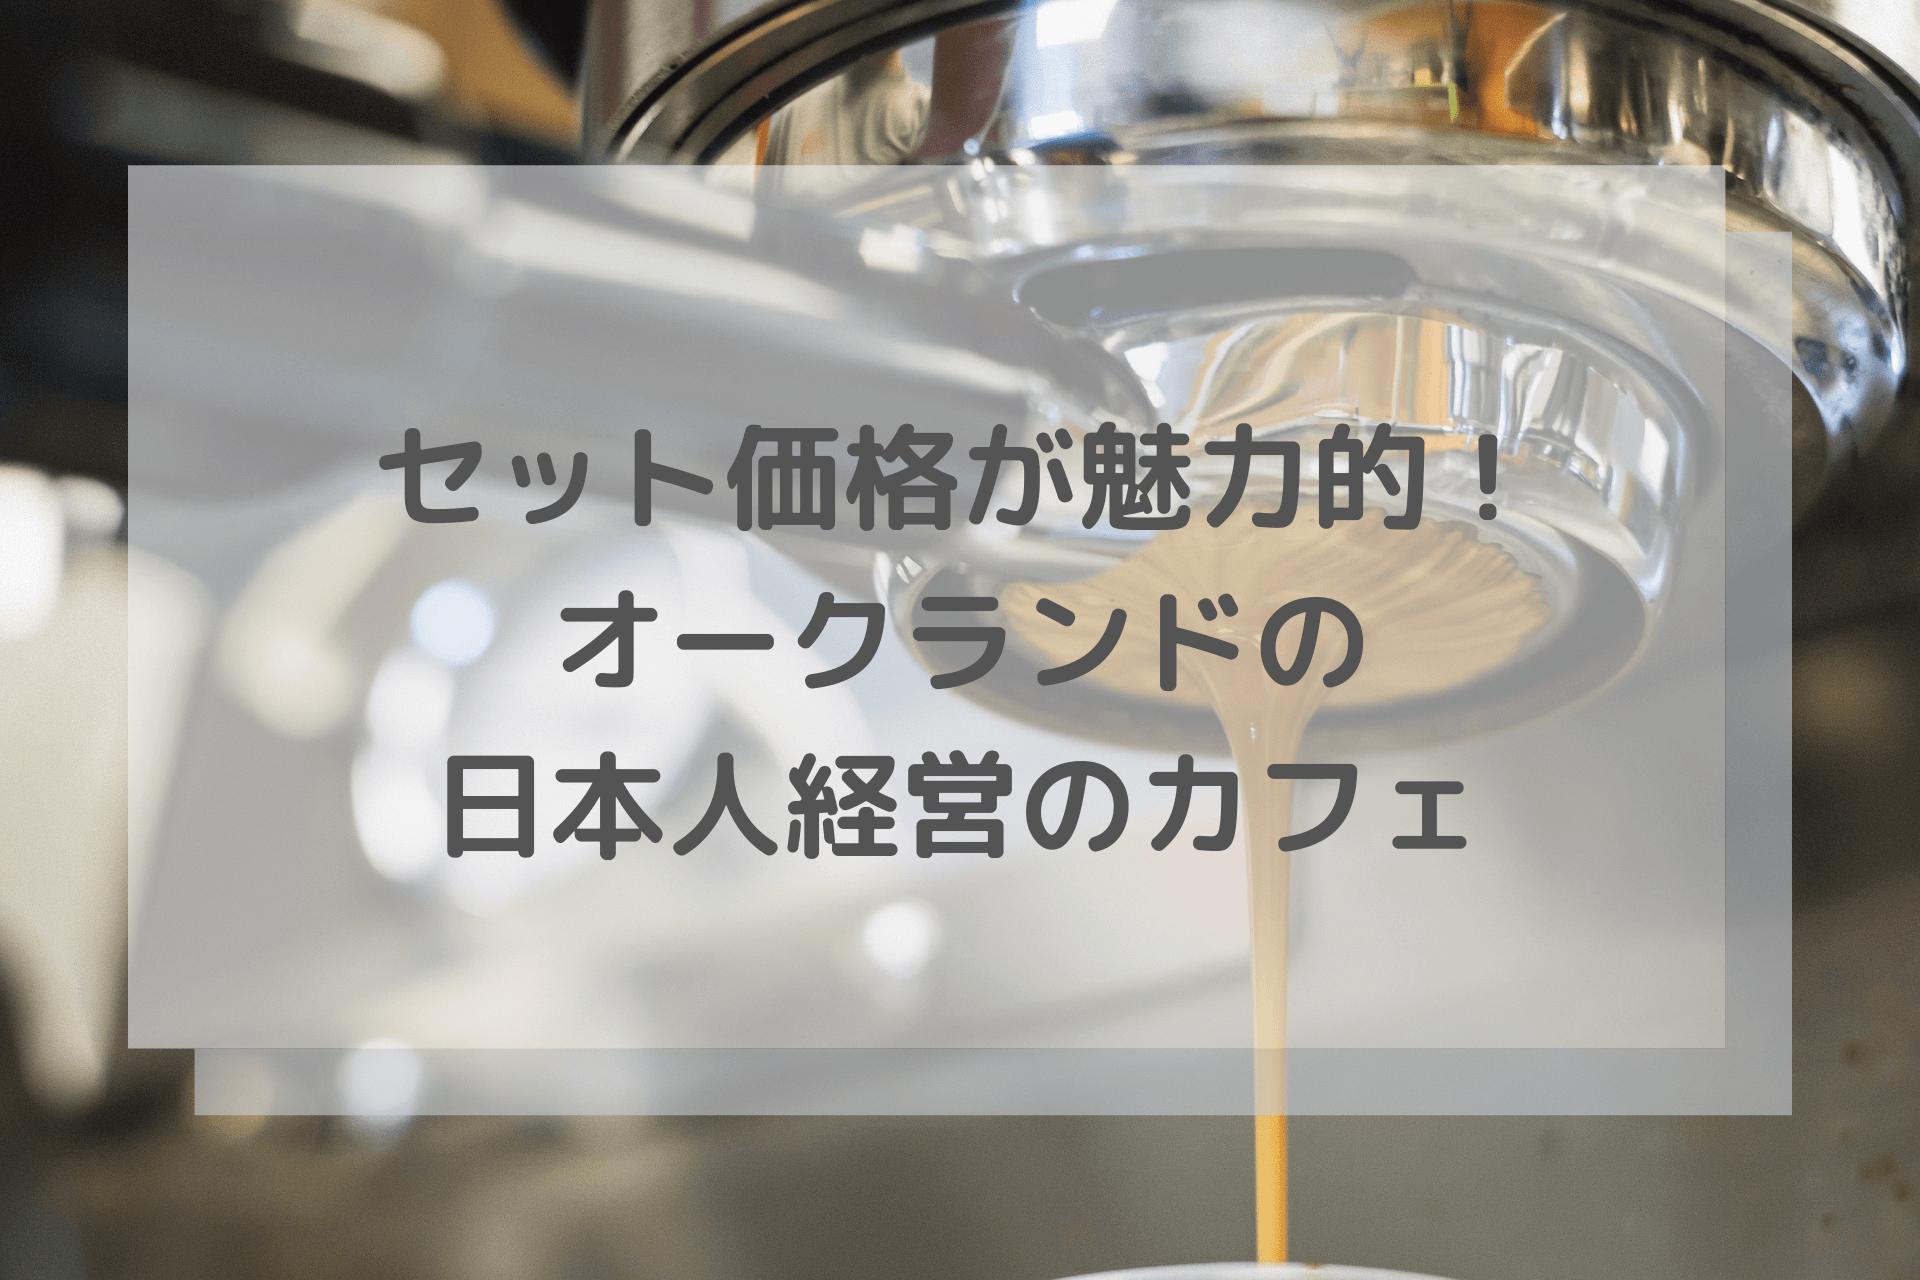 セット価格が魅力的! オークランドの日本人カフェ